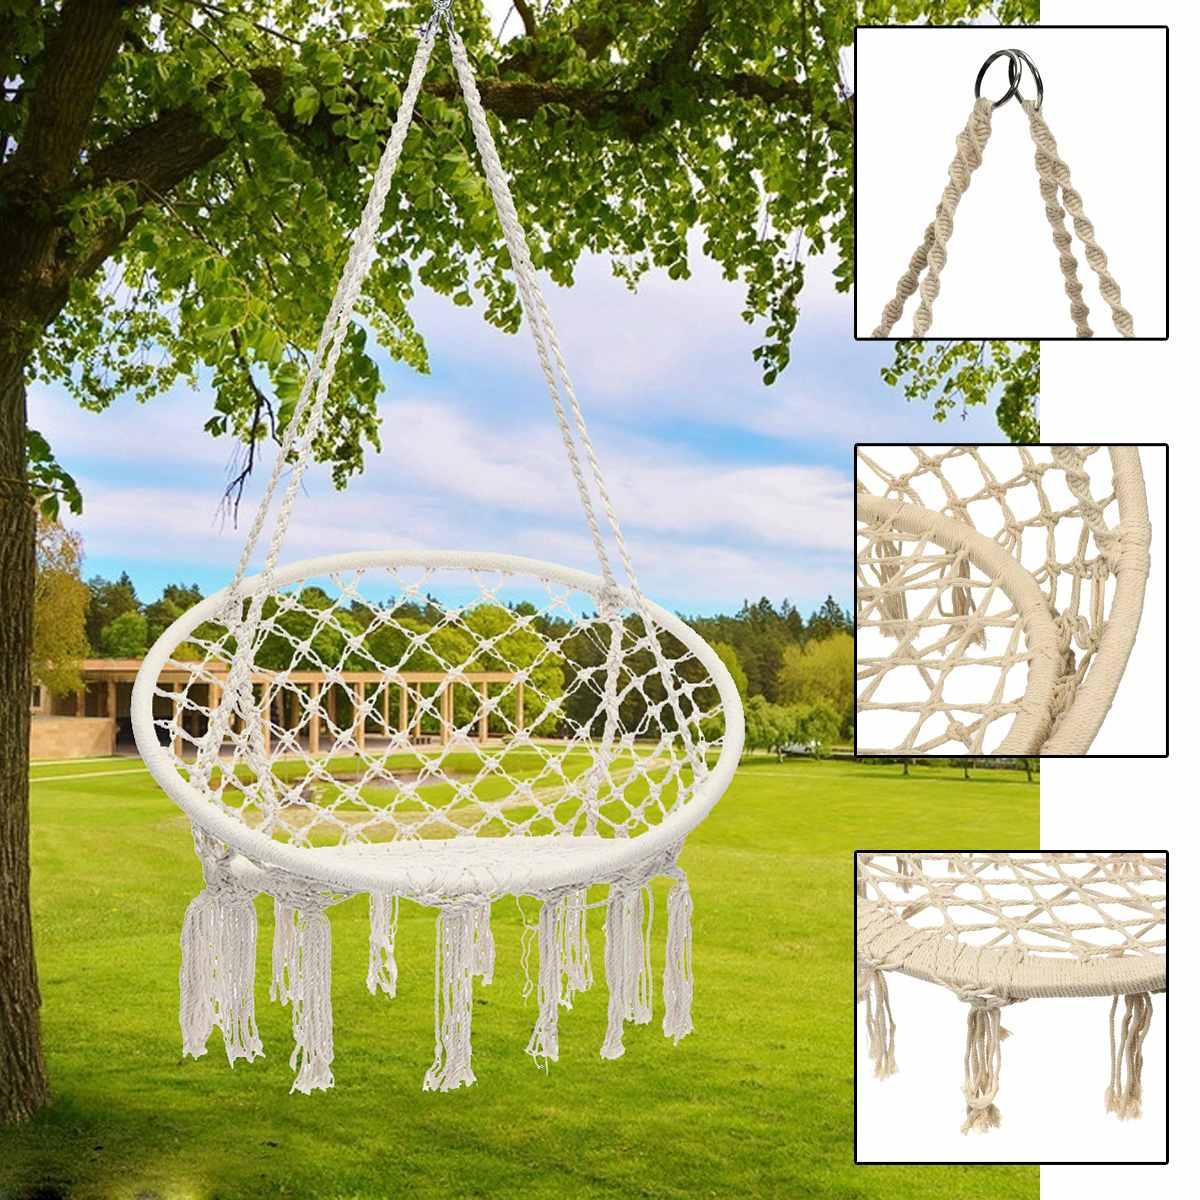 Chaise d'oscillation de meubles de hamac de Style nordique pour le hamac d'intérieur extérieur pour le dortoir de jardin chaise accrochante adulte d'enfant